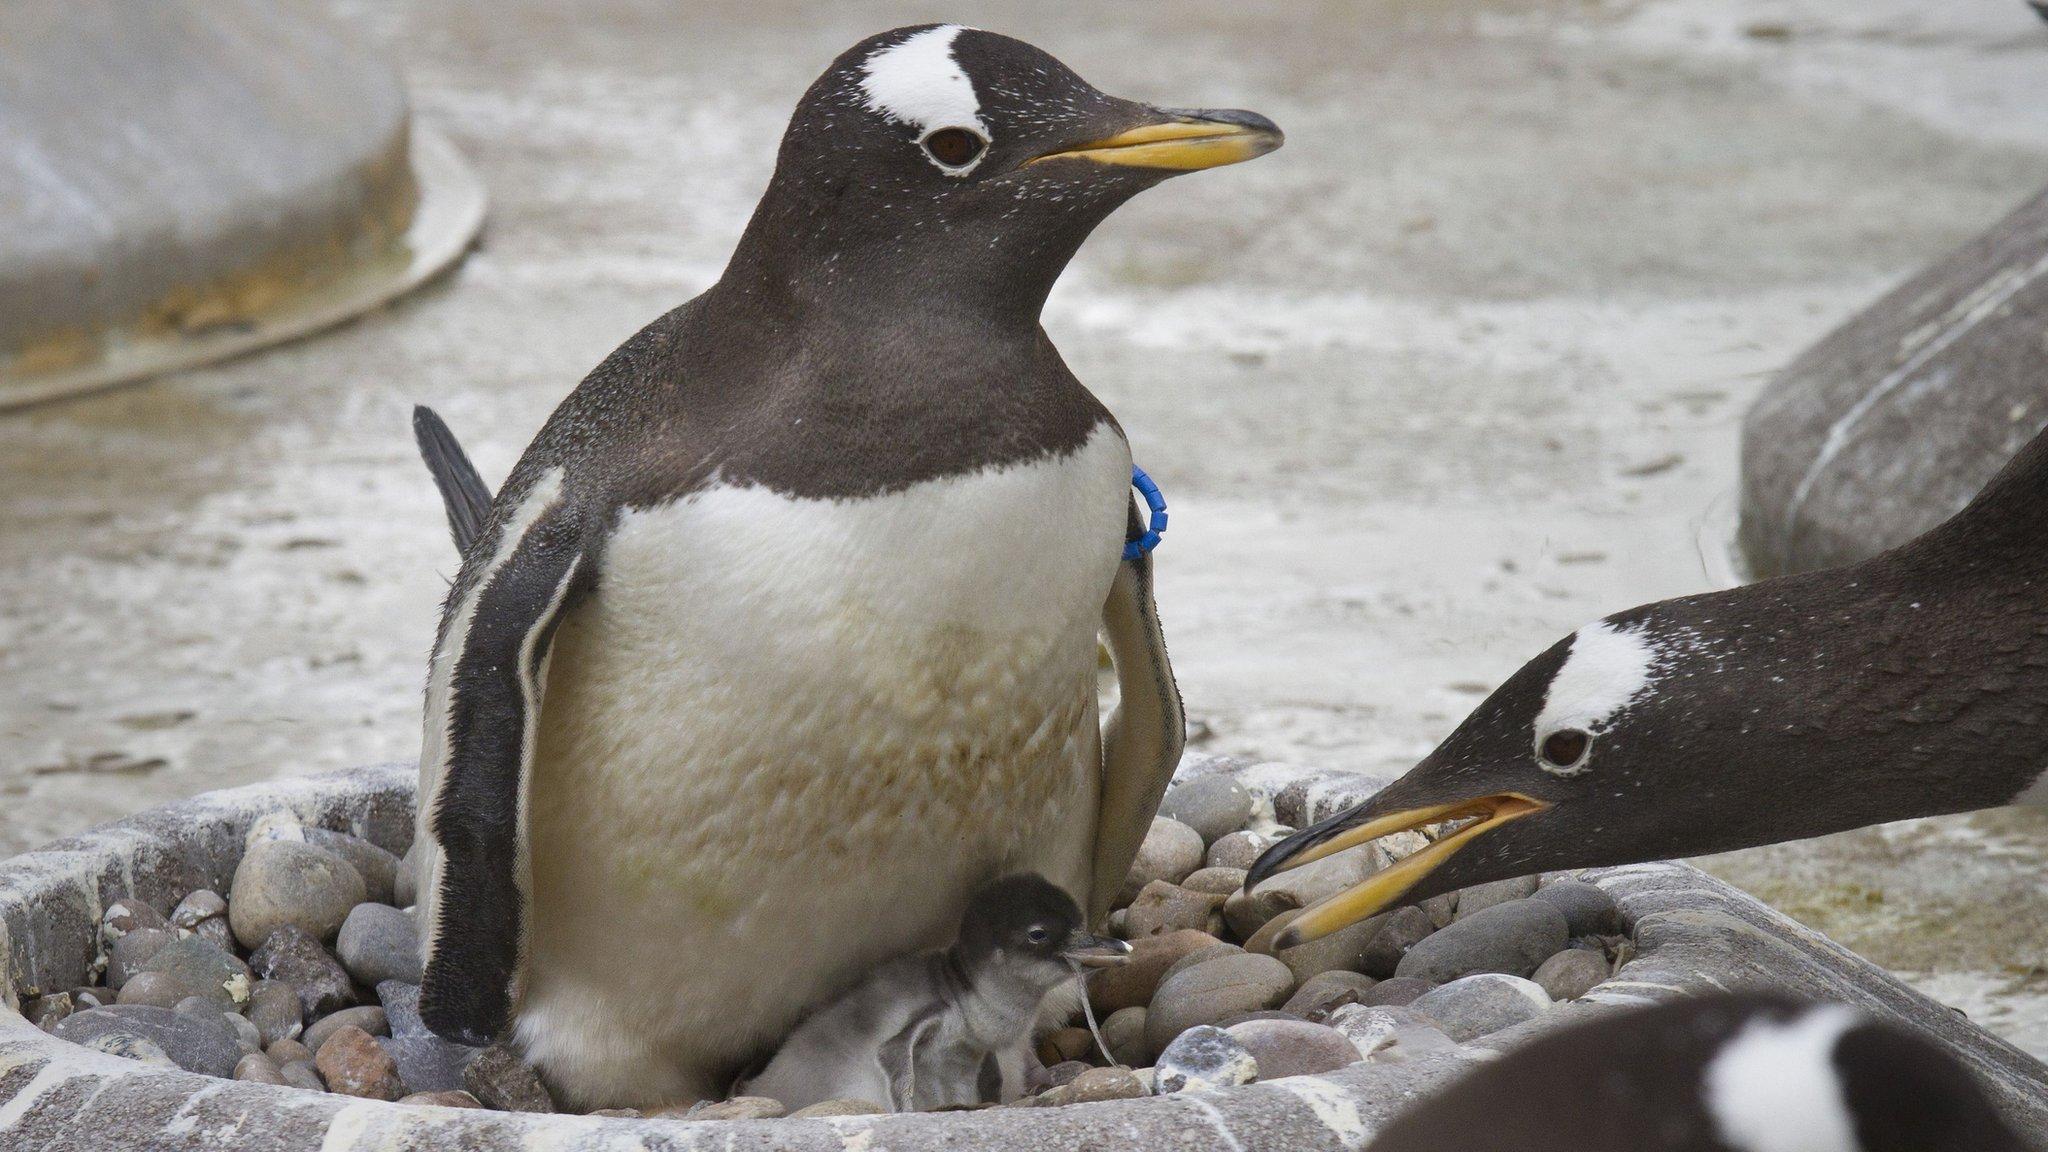 Baby gentoo penguins born at zoo - CBBC Newsround